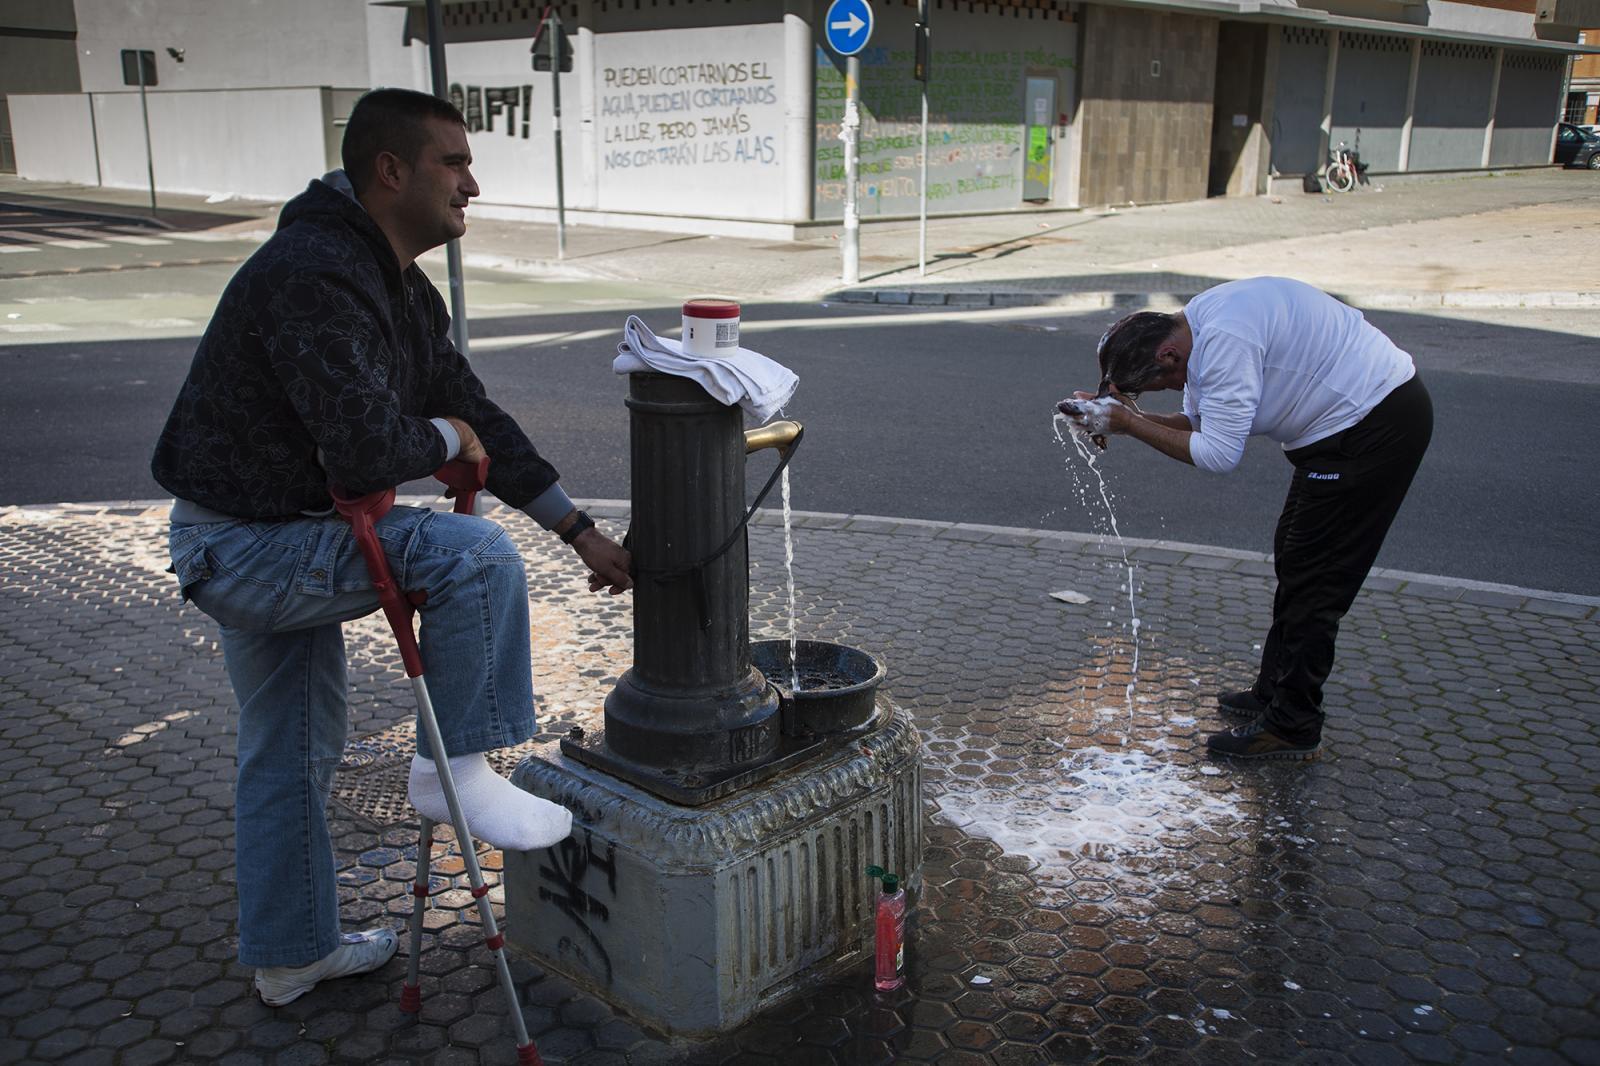 Miguel ayuda a Aguasanta a lavarse el pelo. La falta de agua corriente hace que los vecinos de la corrala utilicen la fuente también como lugar de aseo.